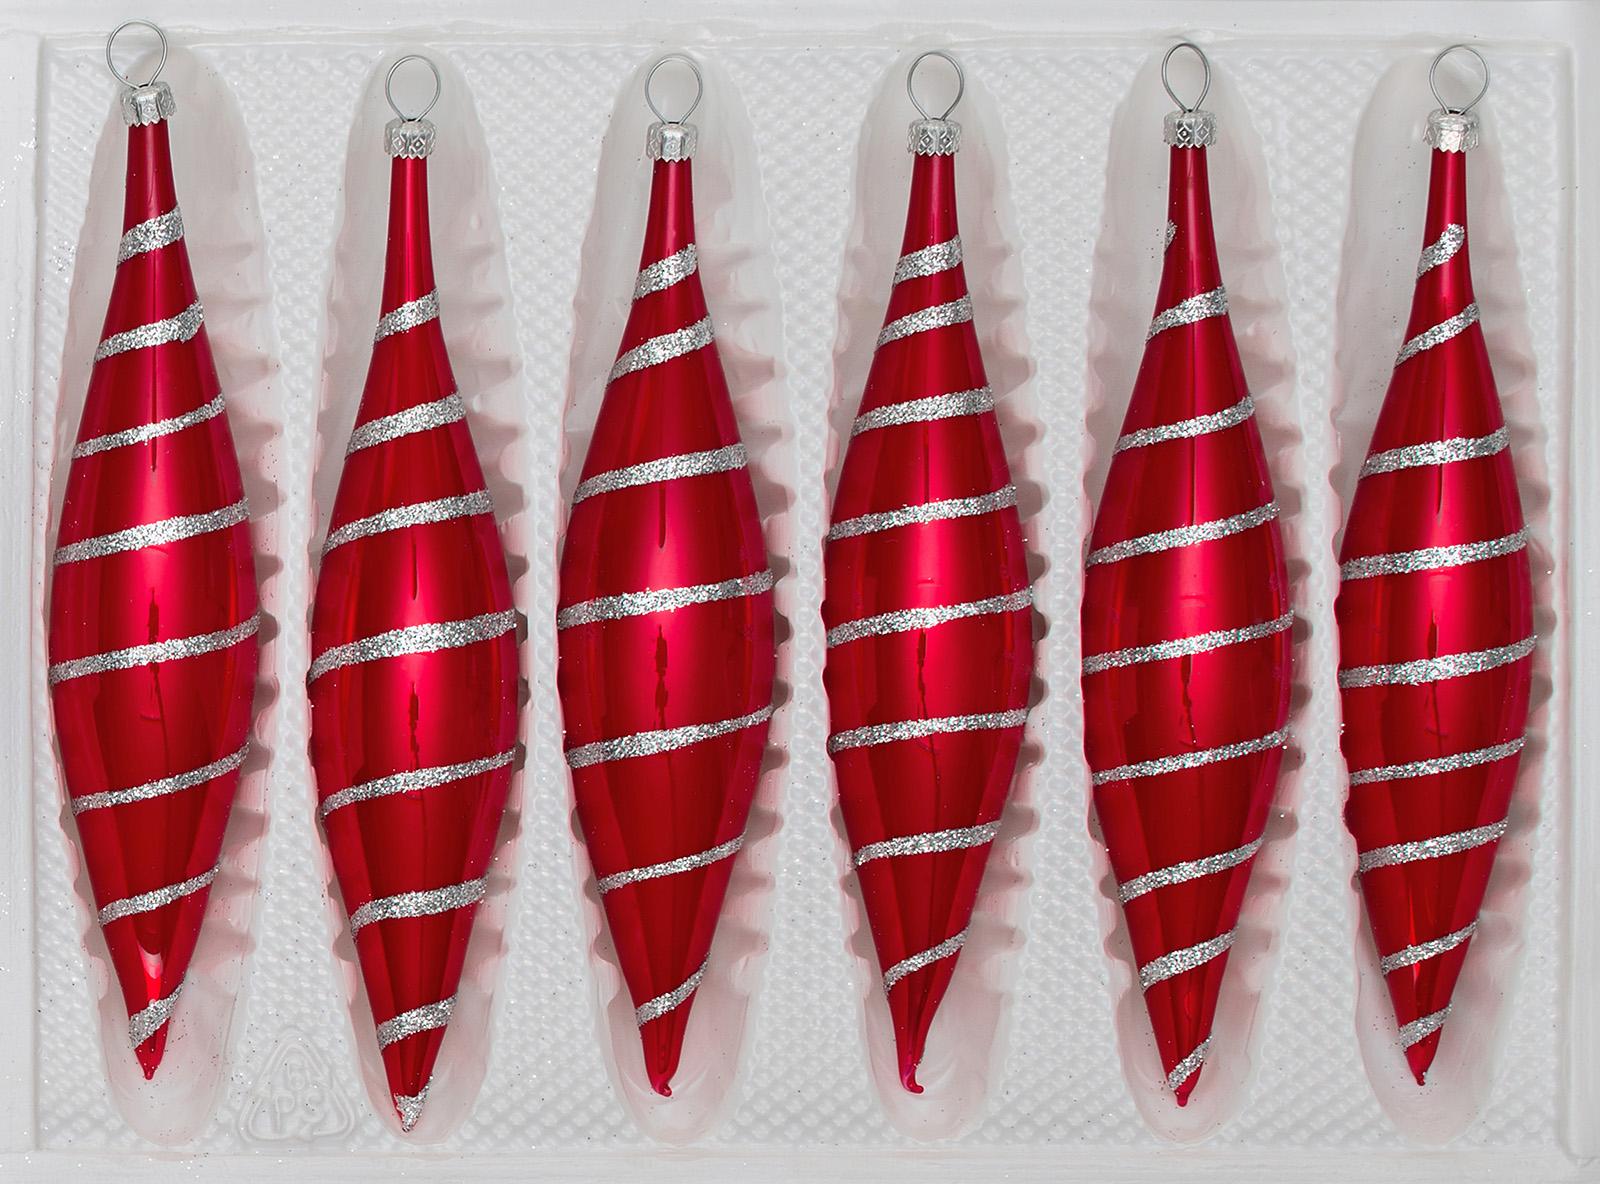 """6 tlg. Glas Zapfen Set in """"Hochglanz Rot Candy"""" Silberne Spiralen"""